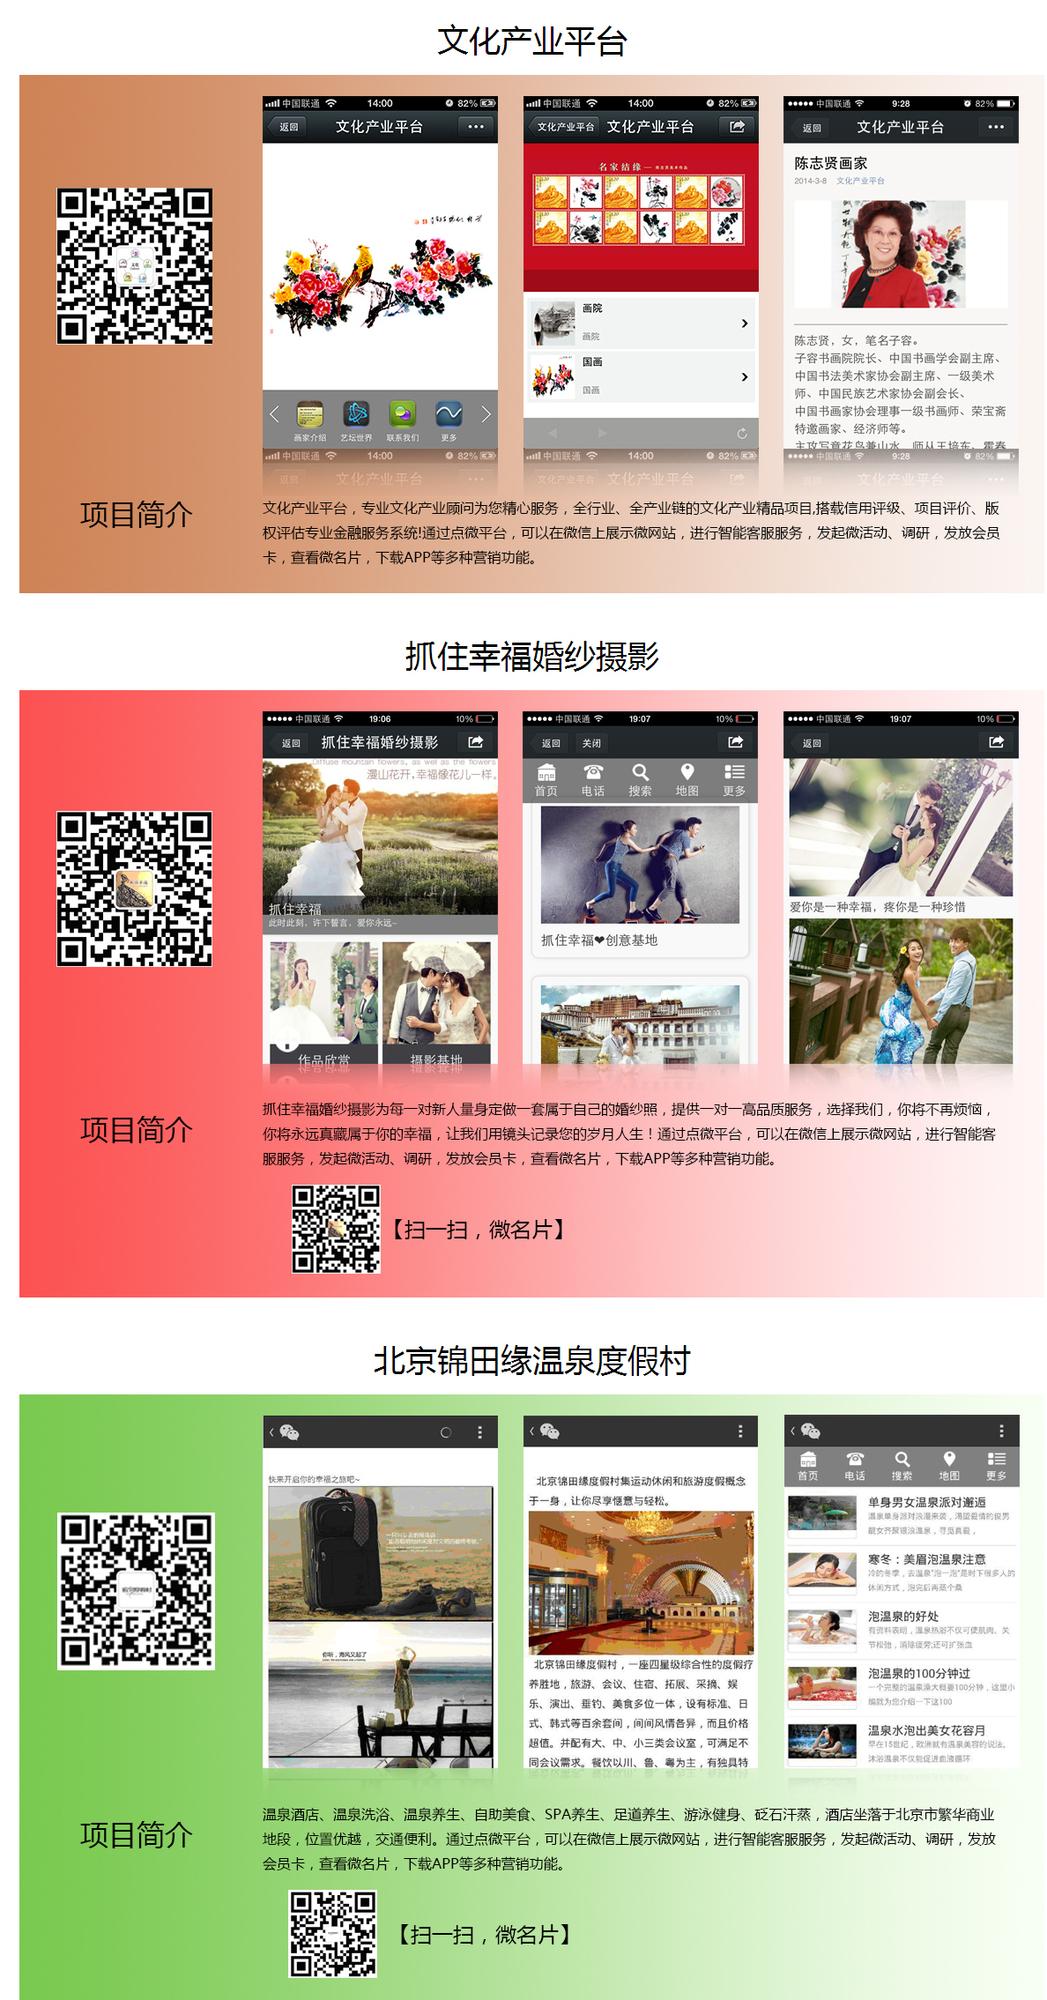 微信营销a3